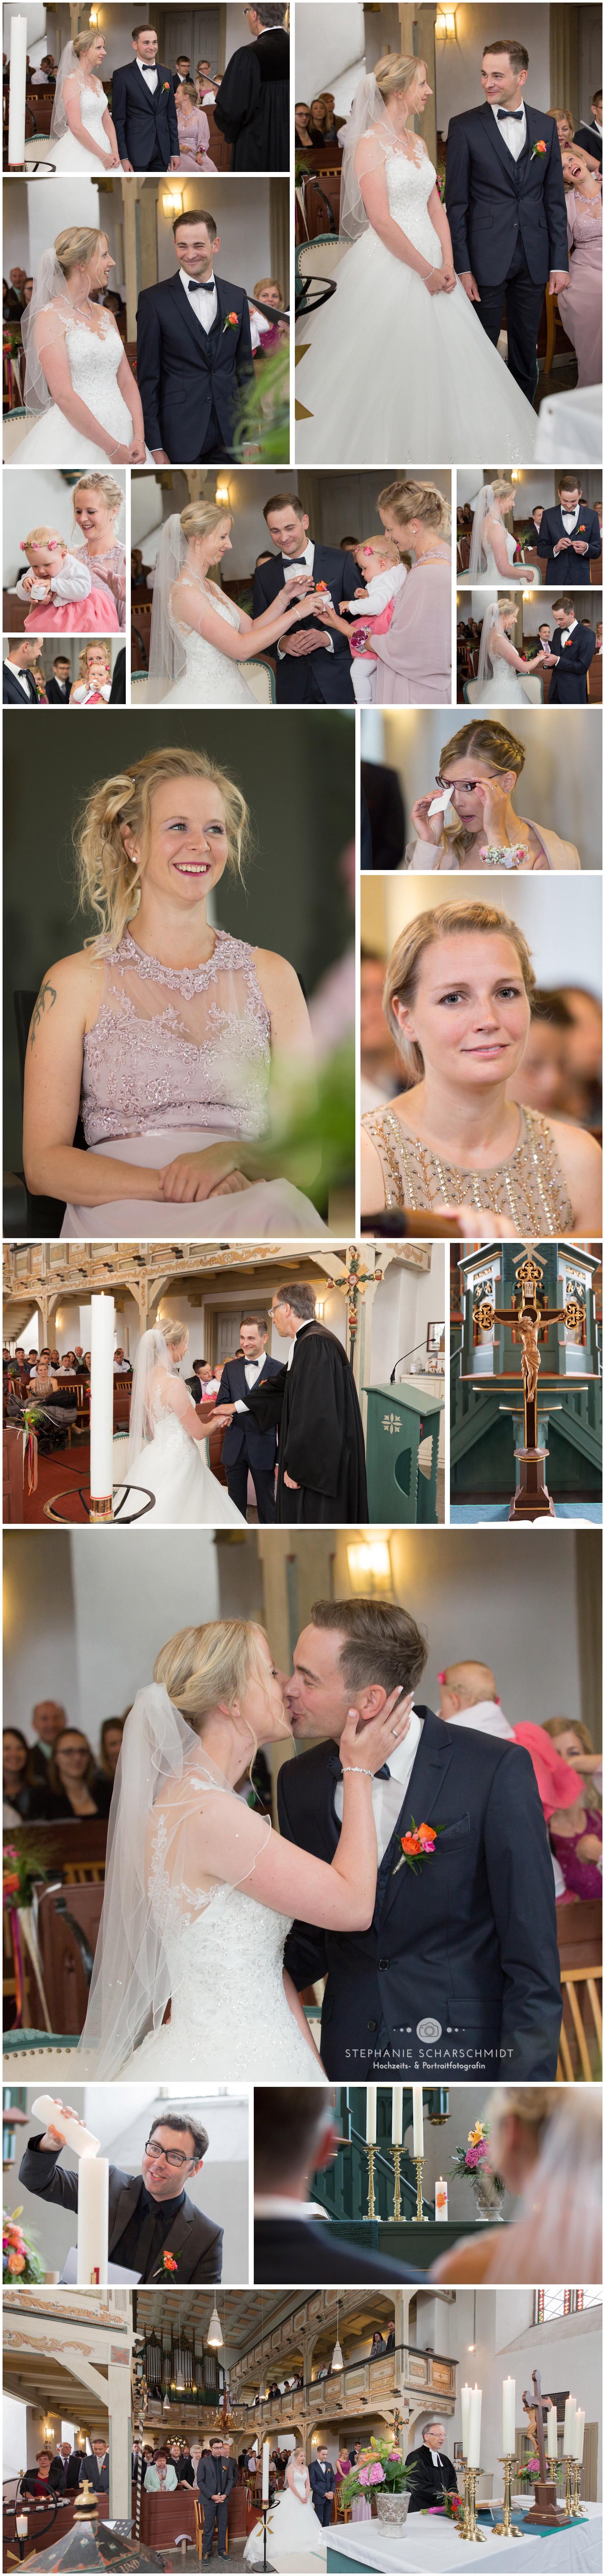 8.Hochzeitsfotograf Hof - Hochzeits- und Portraitfotografin Stephanie Scharschmidt